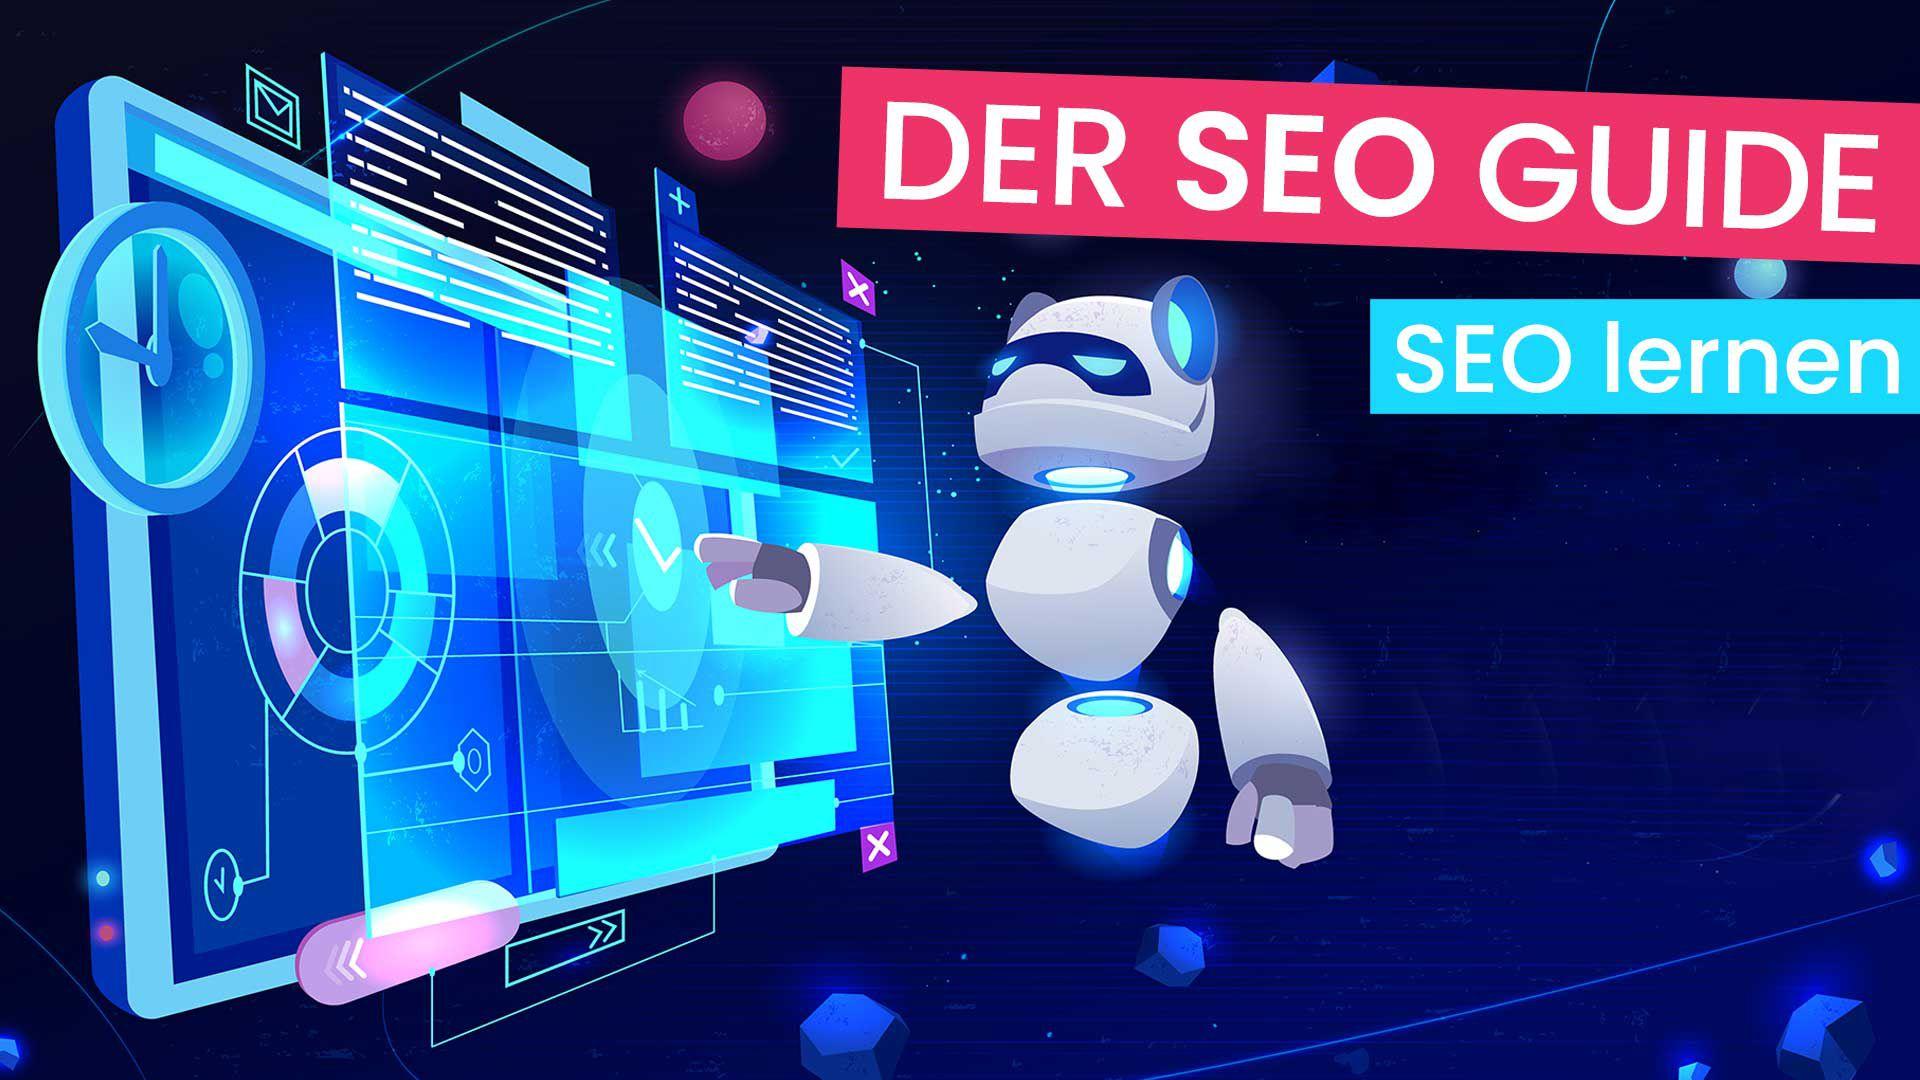 SEO Guide: Die Anleitung zum SEO lernen!